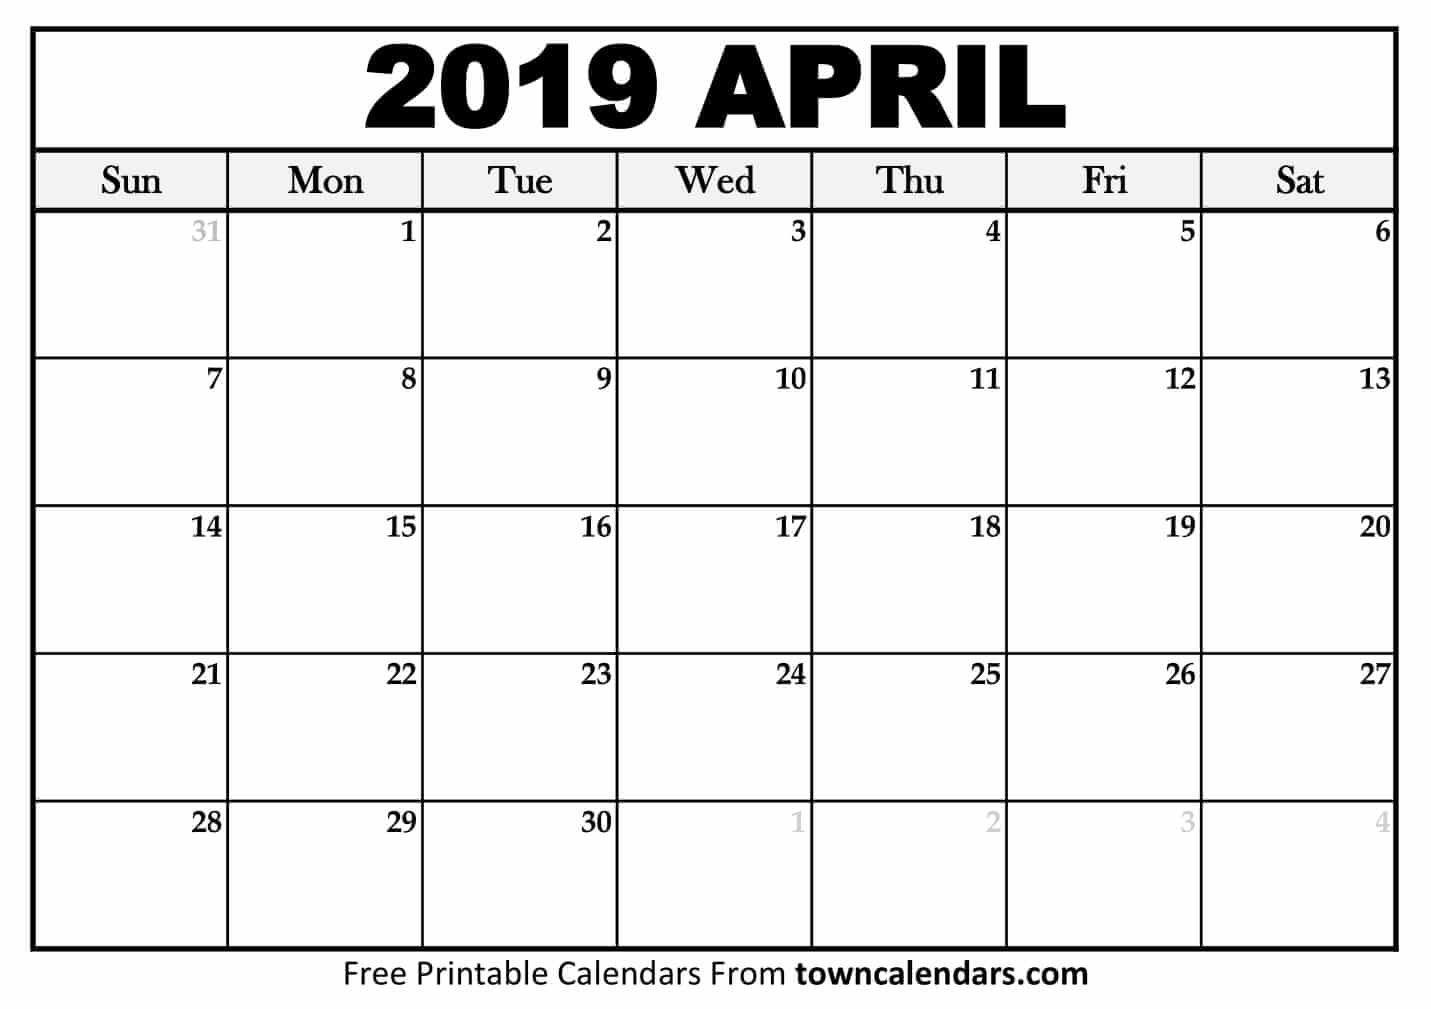 Printable April 2019 Calendar – Towncalendars Calendar April 30 2019